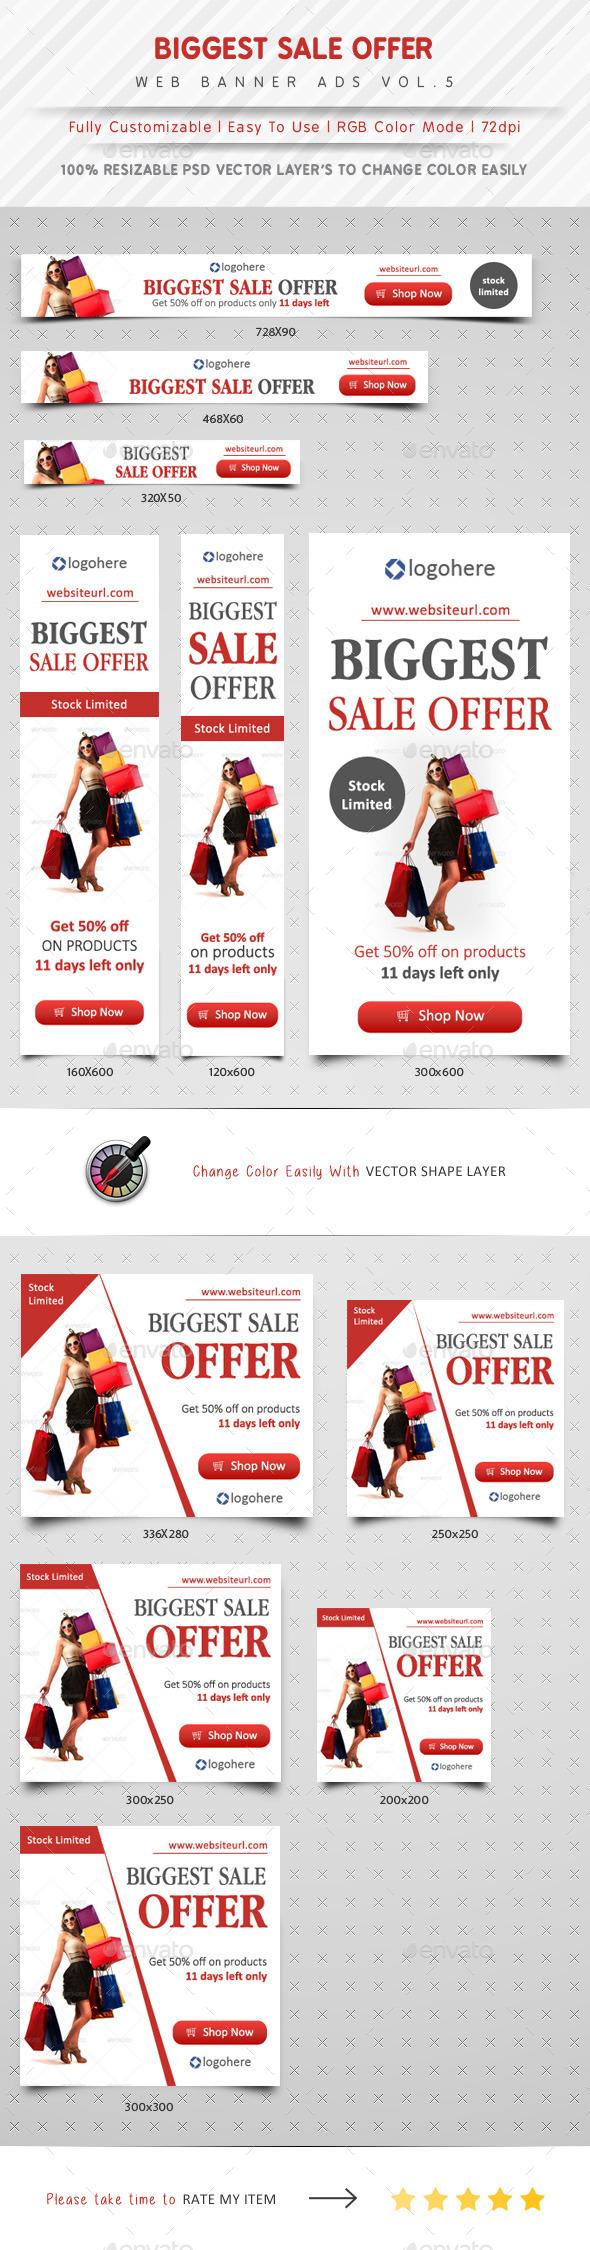 GraphicRiver Biggest Sale Offer Web Banner Vol.5 11337245